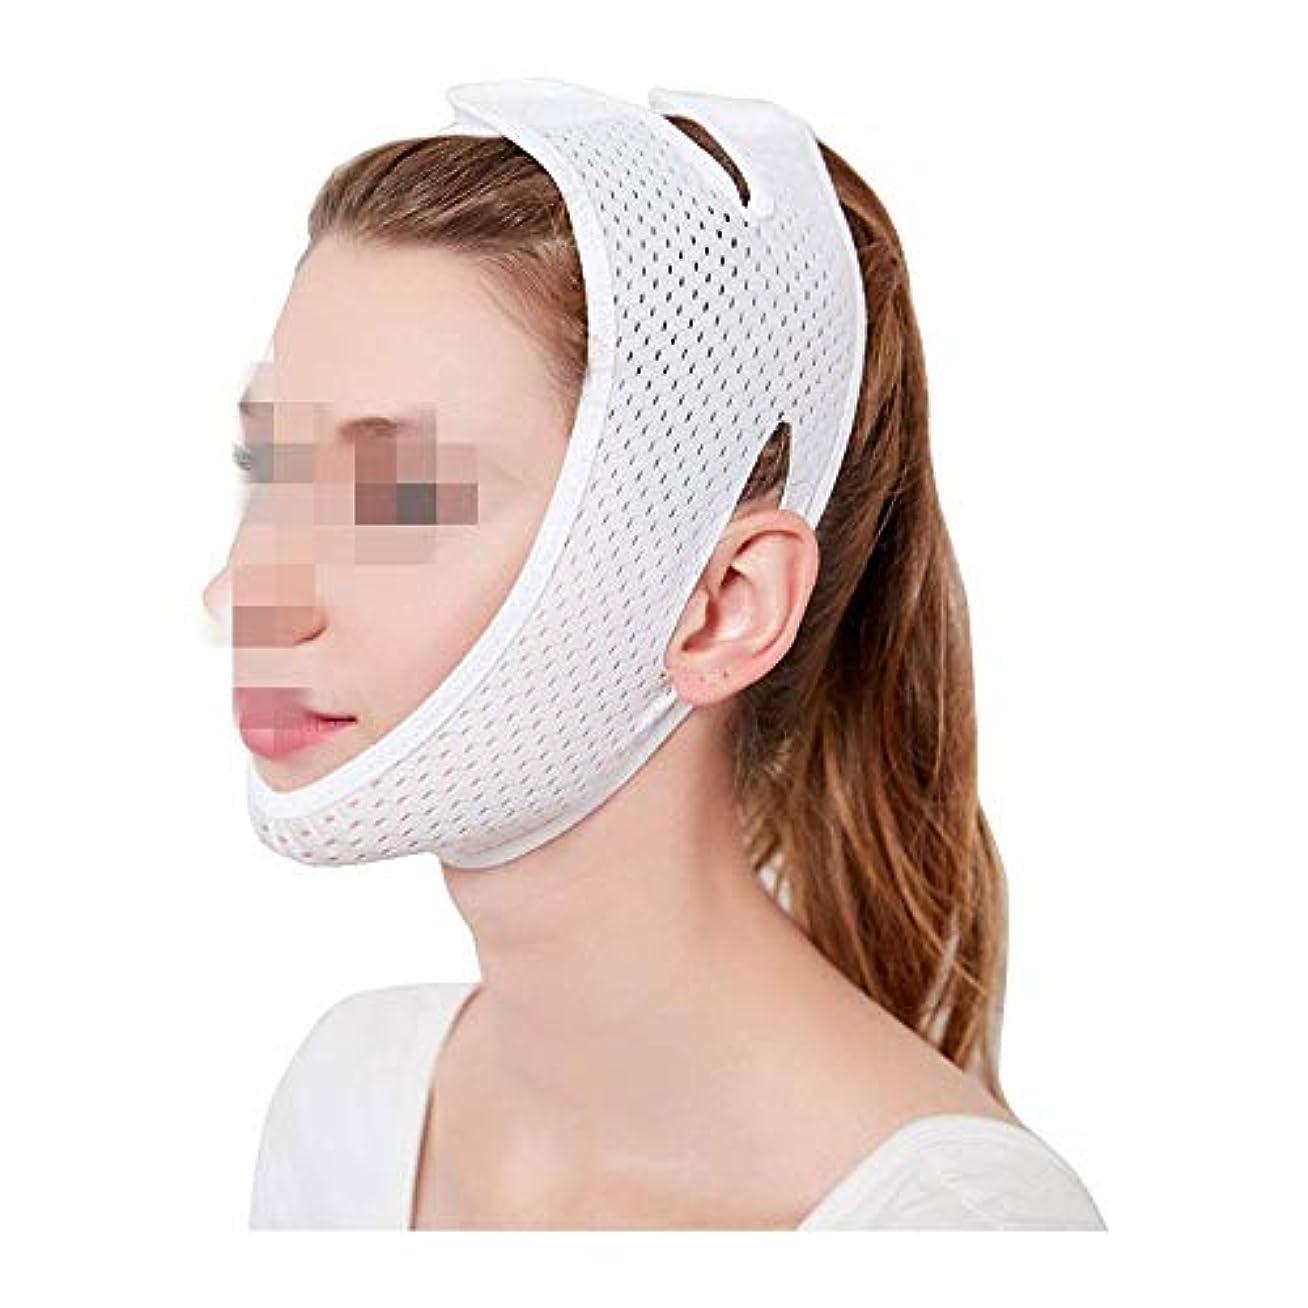 バンケット法医学思いやりHEMFV 顔のリフティングスリミング弾性ベルト、女性のためのVラインチンチークリフトアップバンド、二重あごケア減量Vフェイスアンチリンクル包帯補正ベルト